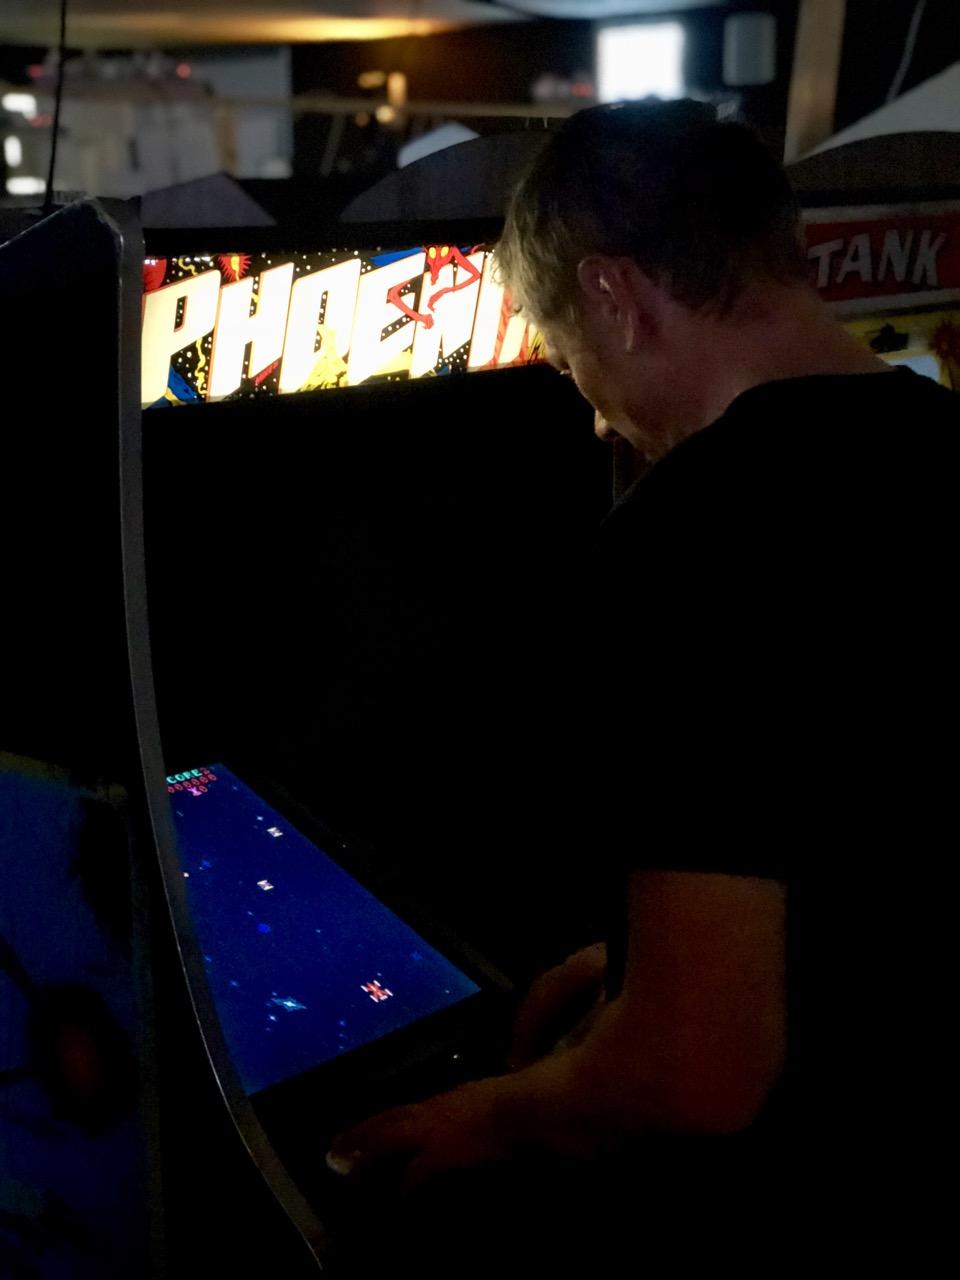 Spielen an Phoenix im Arcade-Bereich. (Bild: André Eymann)